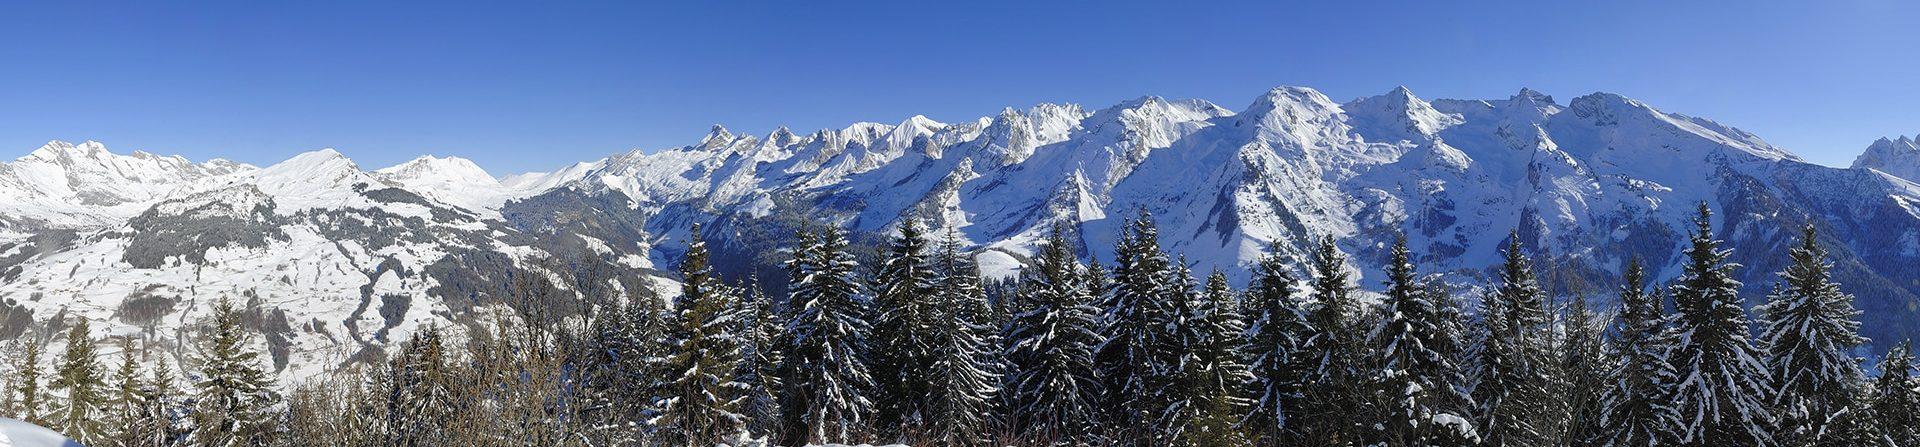 La chaîne des Aravis en hiver.